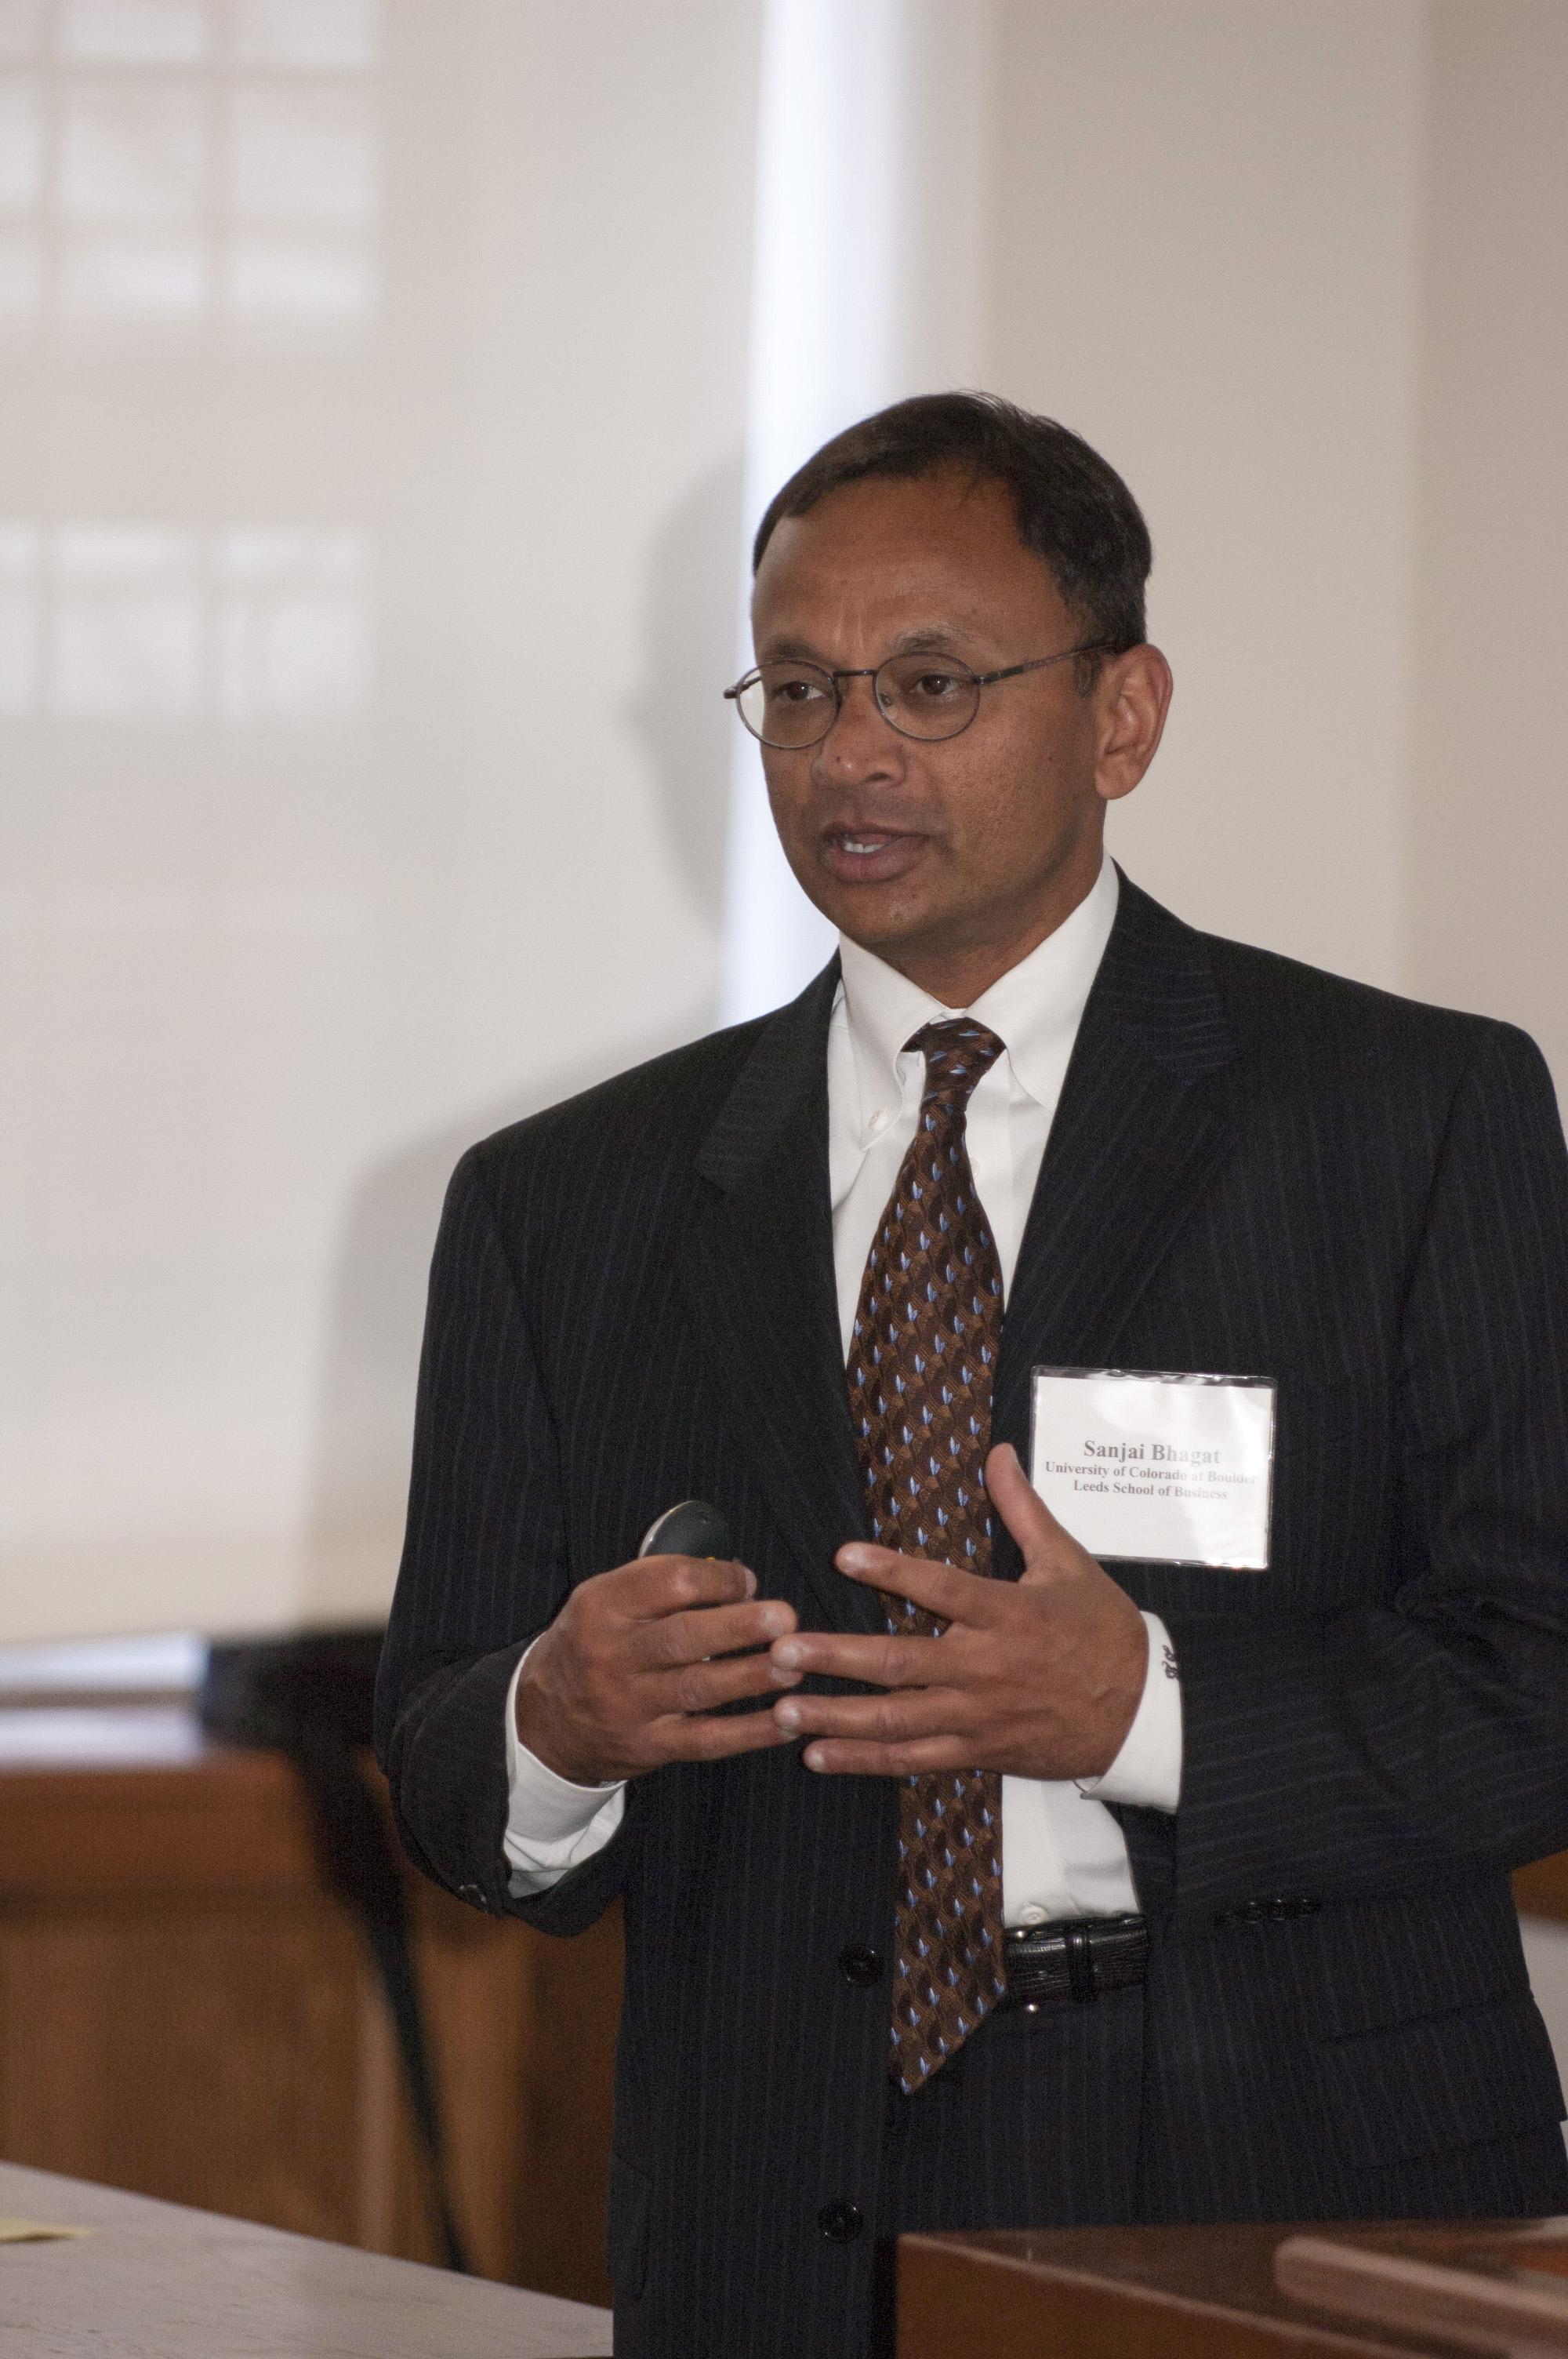 U. of Colorado Prof. Sanjai Bhagat